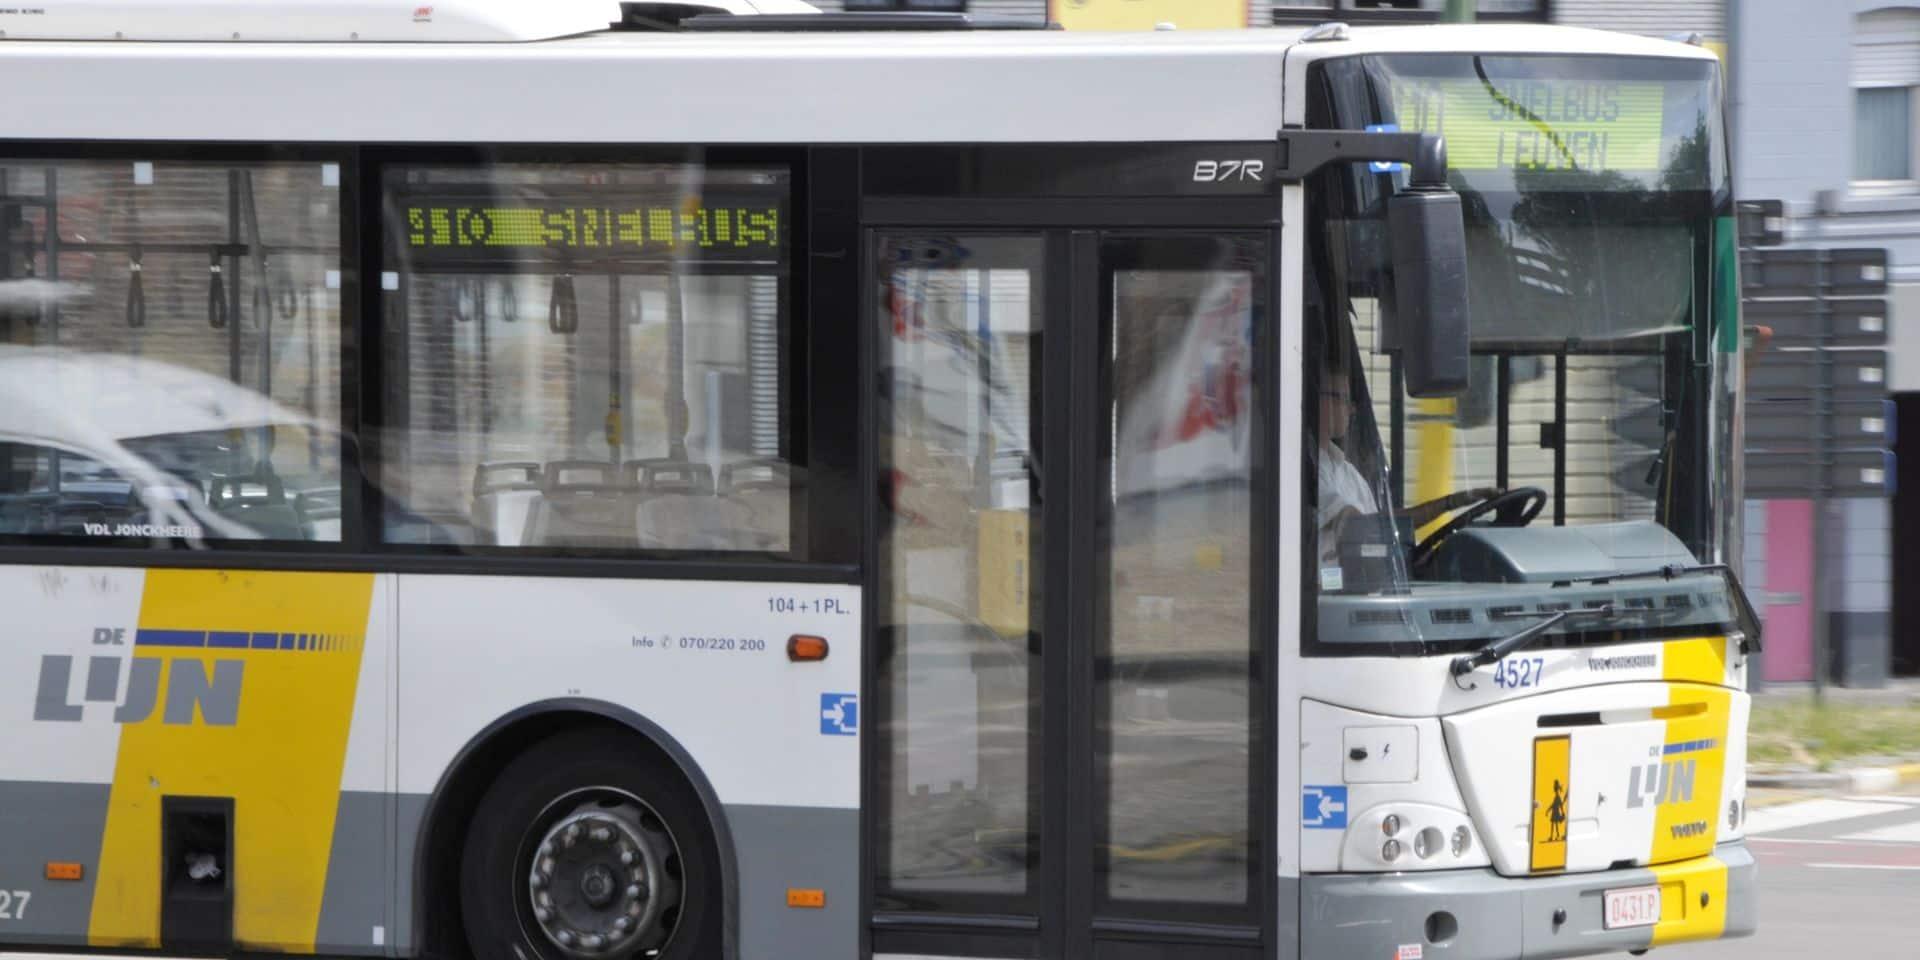 Une baisse de 62% de voyageurs dans les transports De Lijn